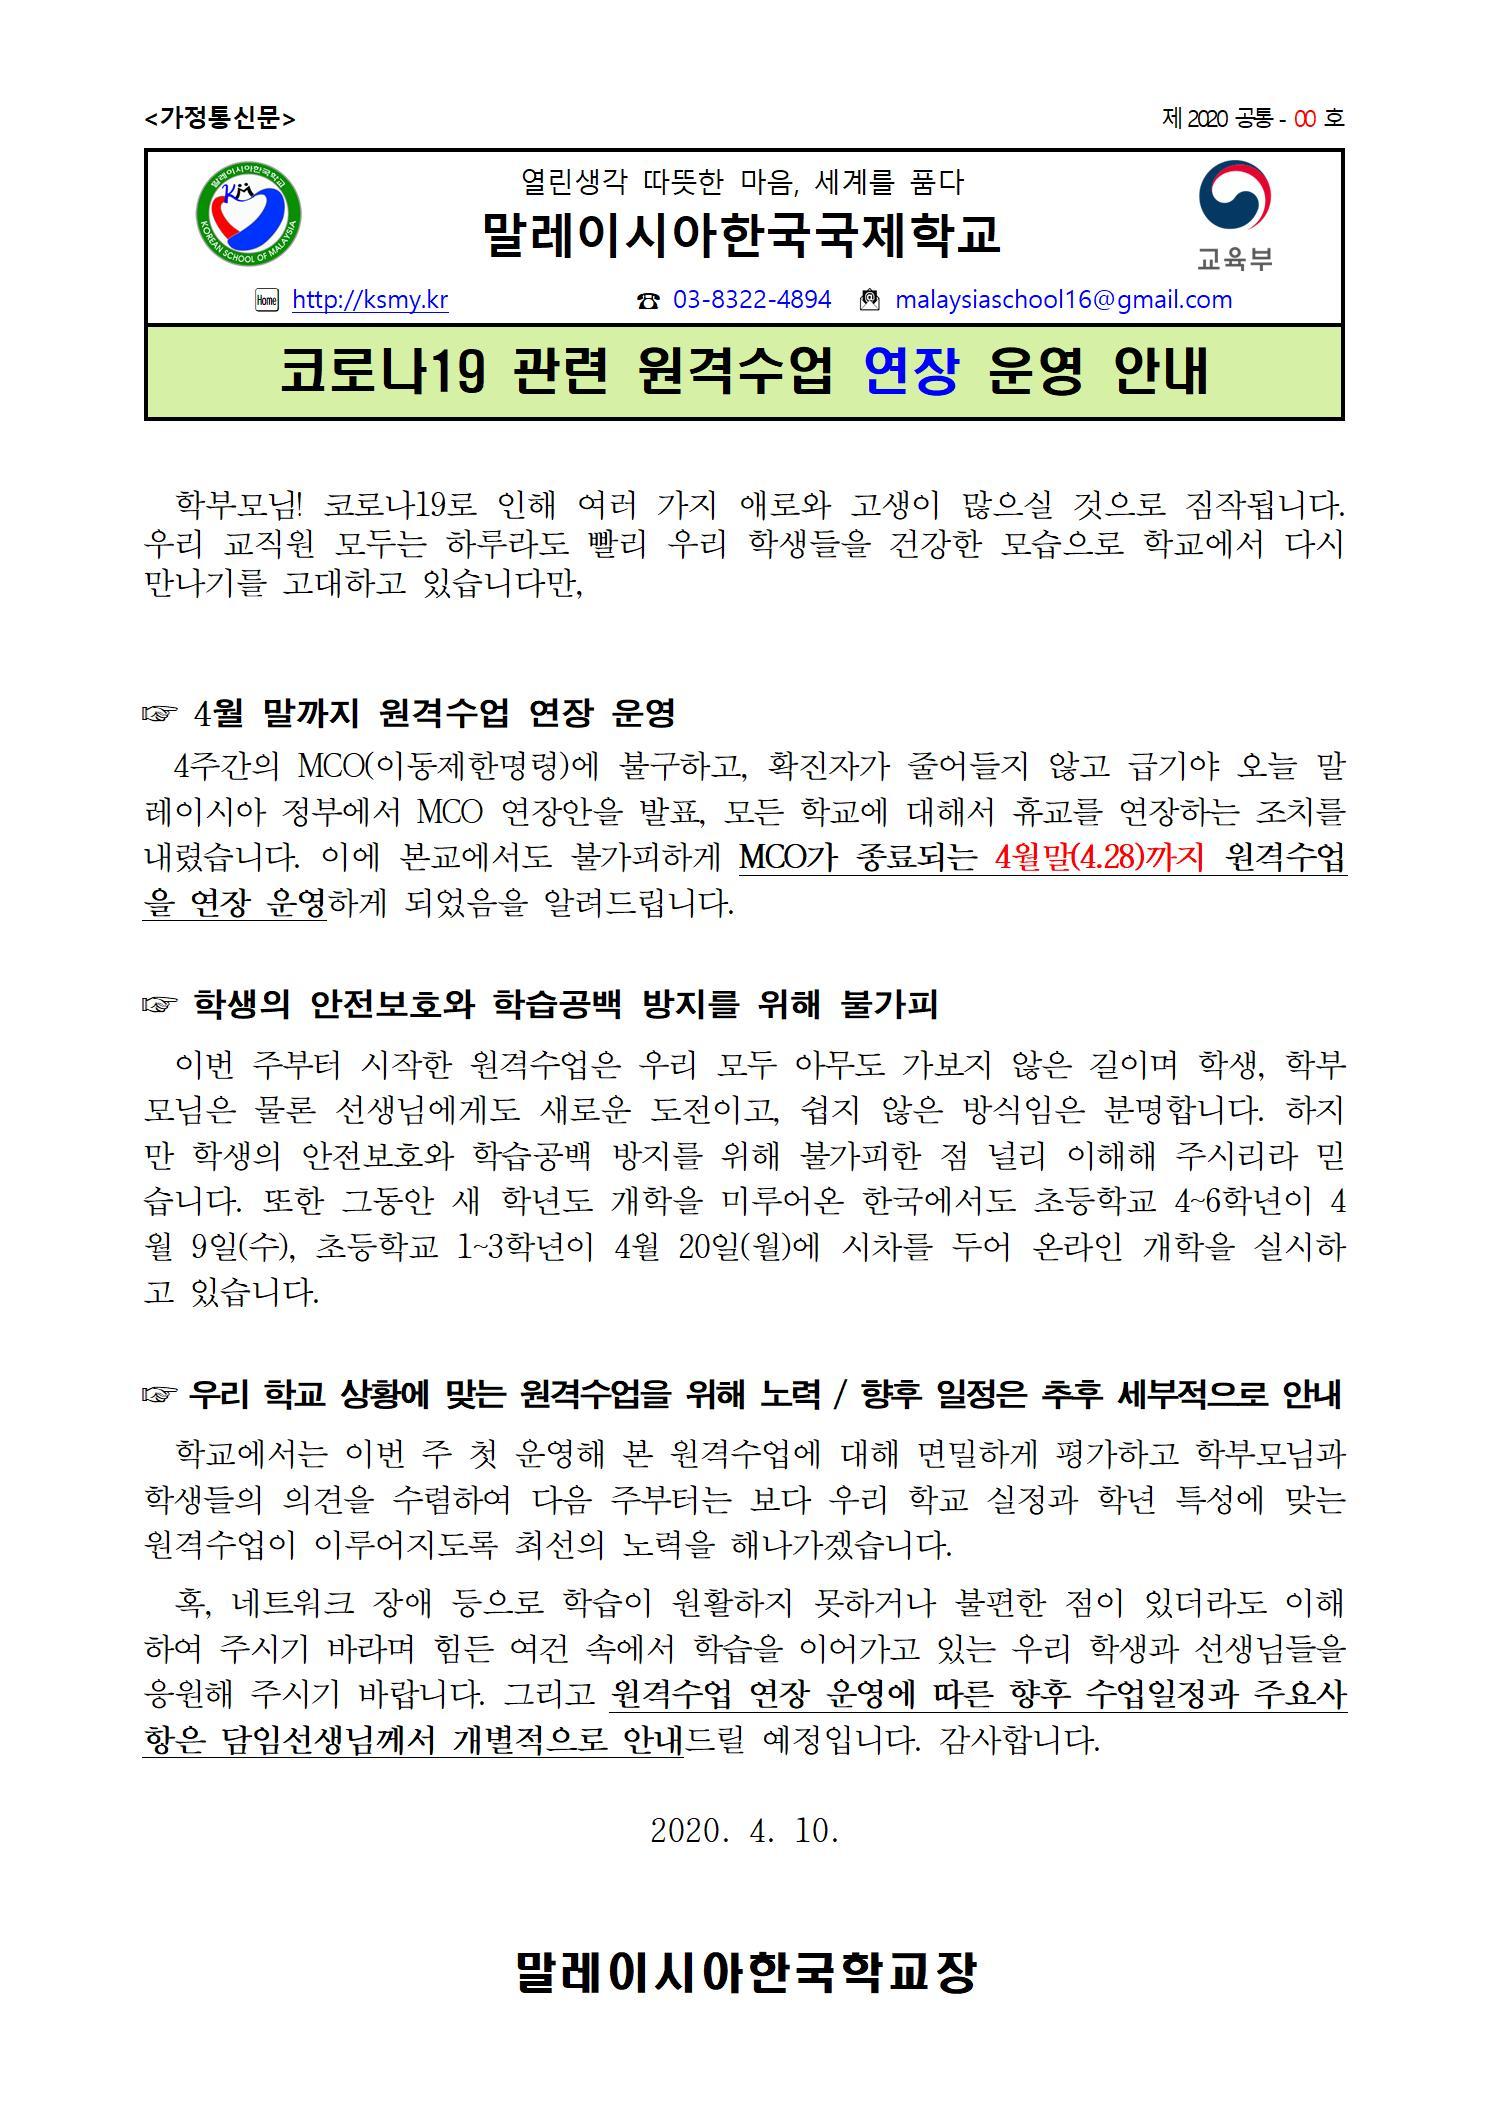 원격학습관련 가정통신문_2차 원격수업안내001.jpg